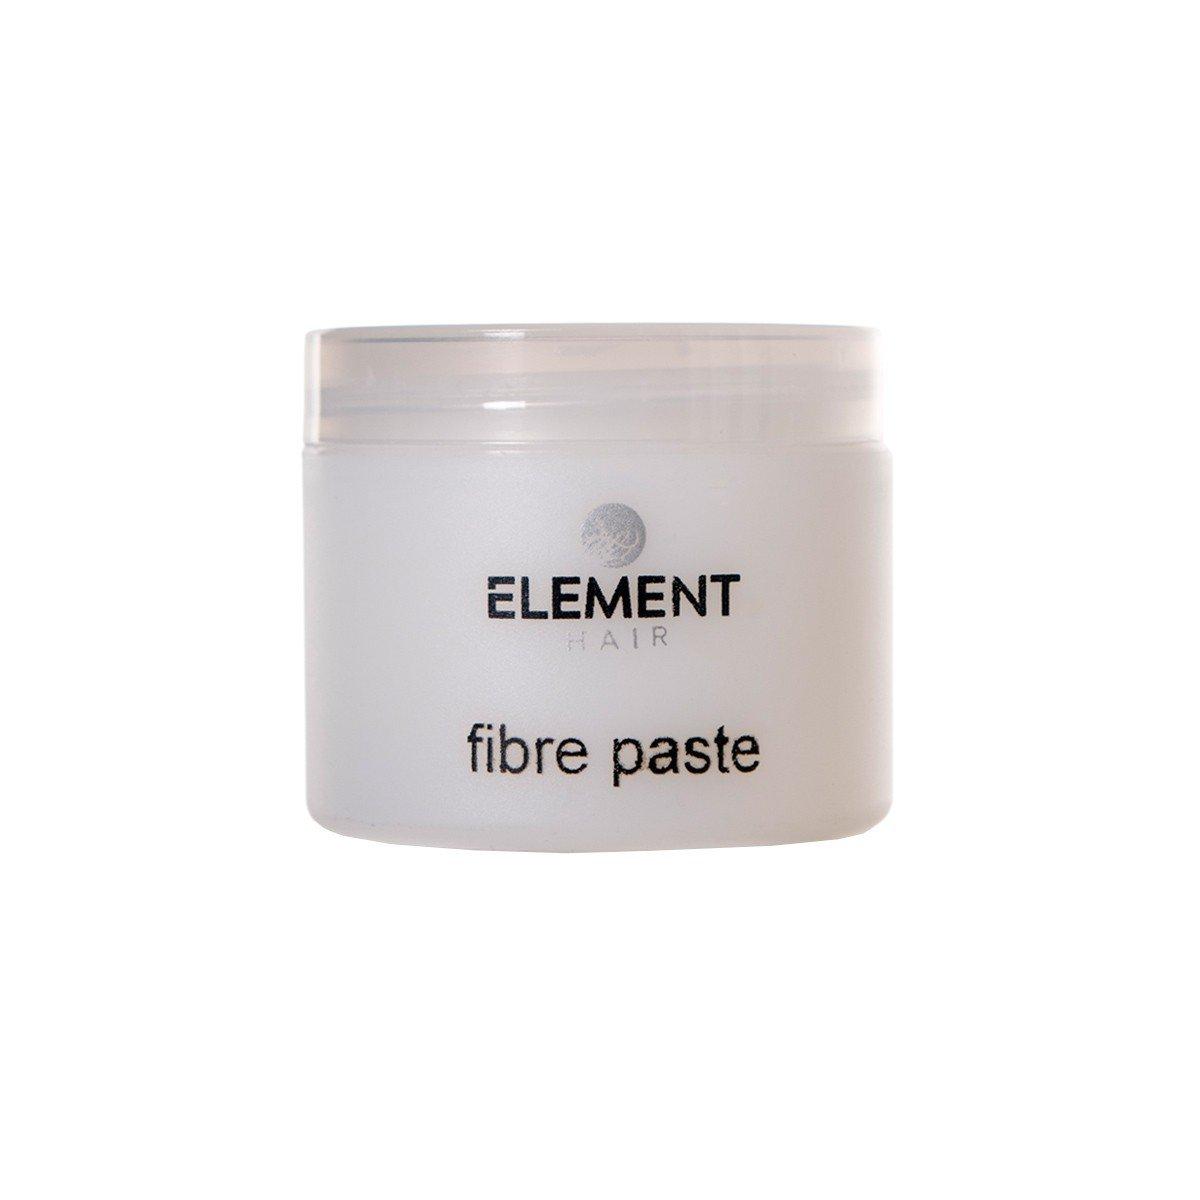 Element's Fibre Paste hair styling